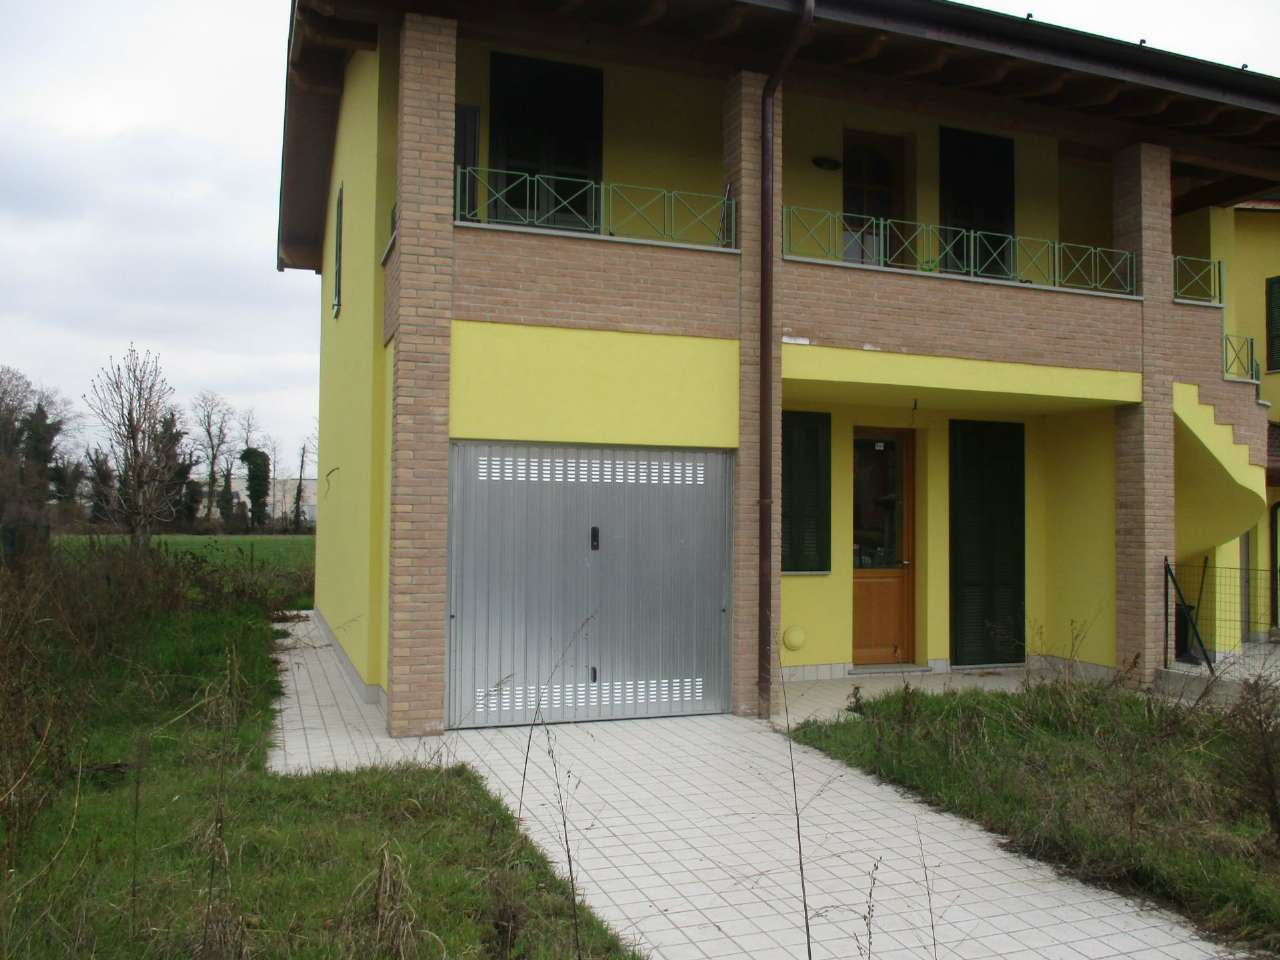 Villa in vendita a Romano di Lombardia, 3 locali, prezzo € 145.000   CambioCasa.it